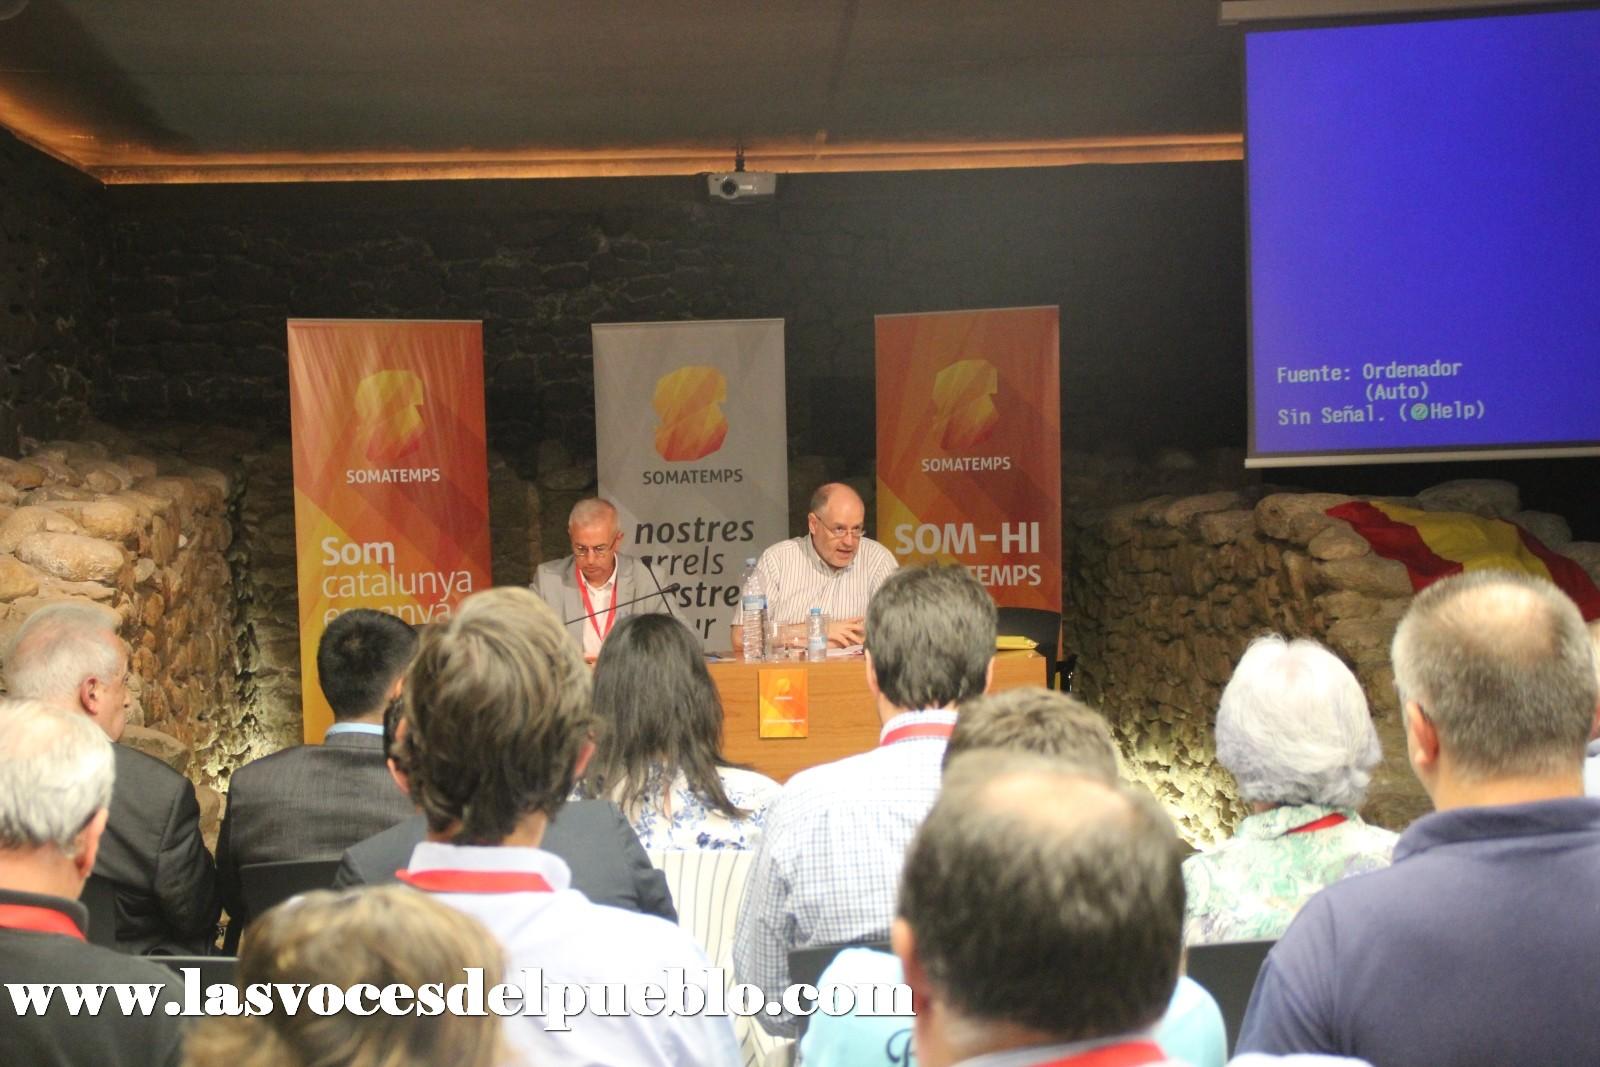 las voces del pueblo_I Congreso de Somatemps_Ripoll_Gerona (203)